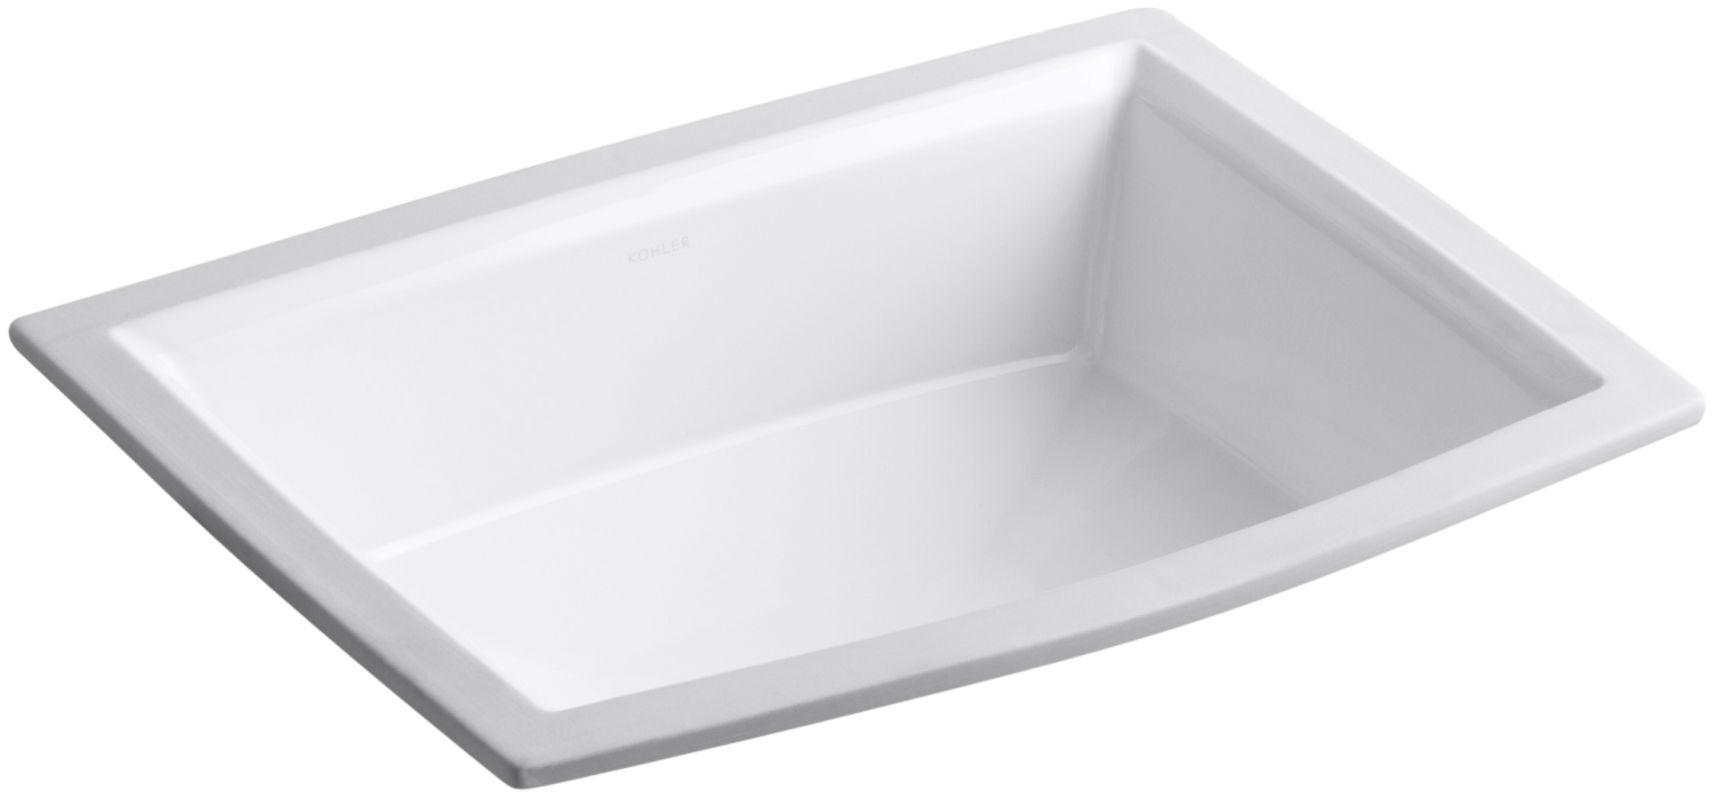 Faucet Com K 2355 0 In White By Kohler